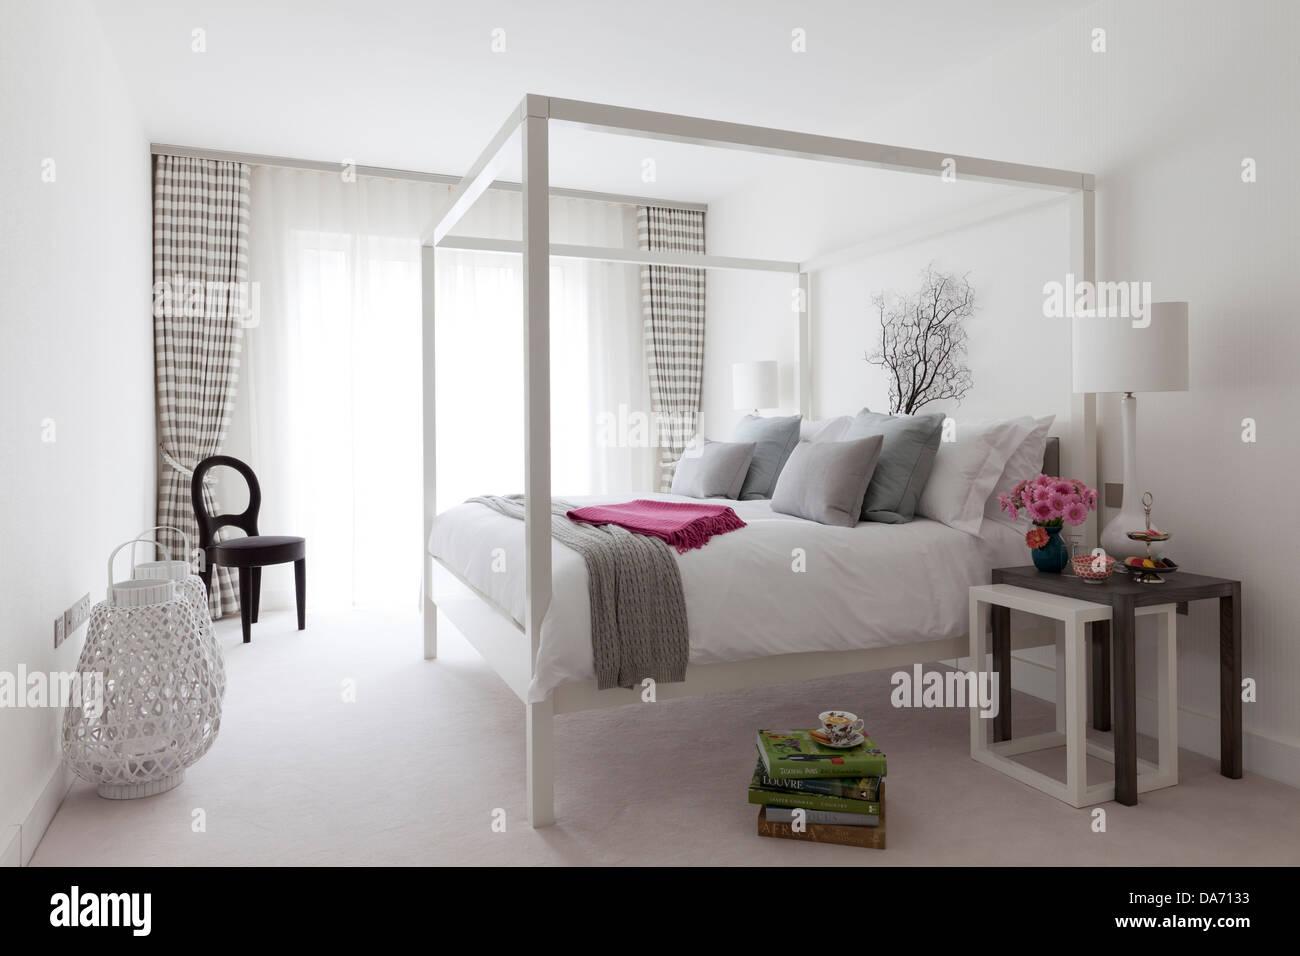 Fantastisch King Size Himmelbett Rahmen Bilder - Benutzerdefinierte ...